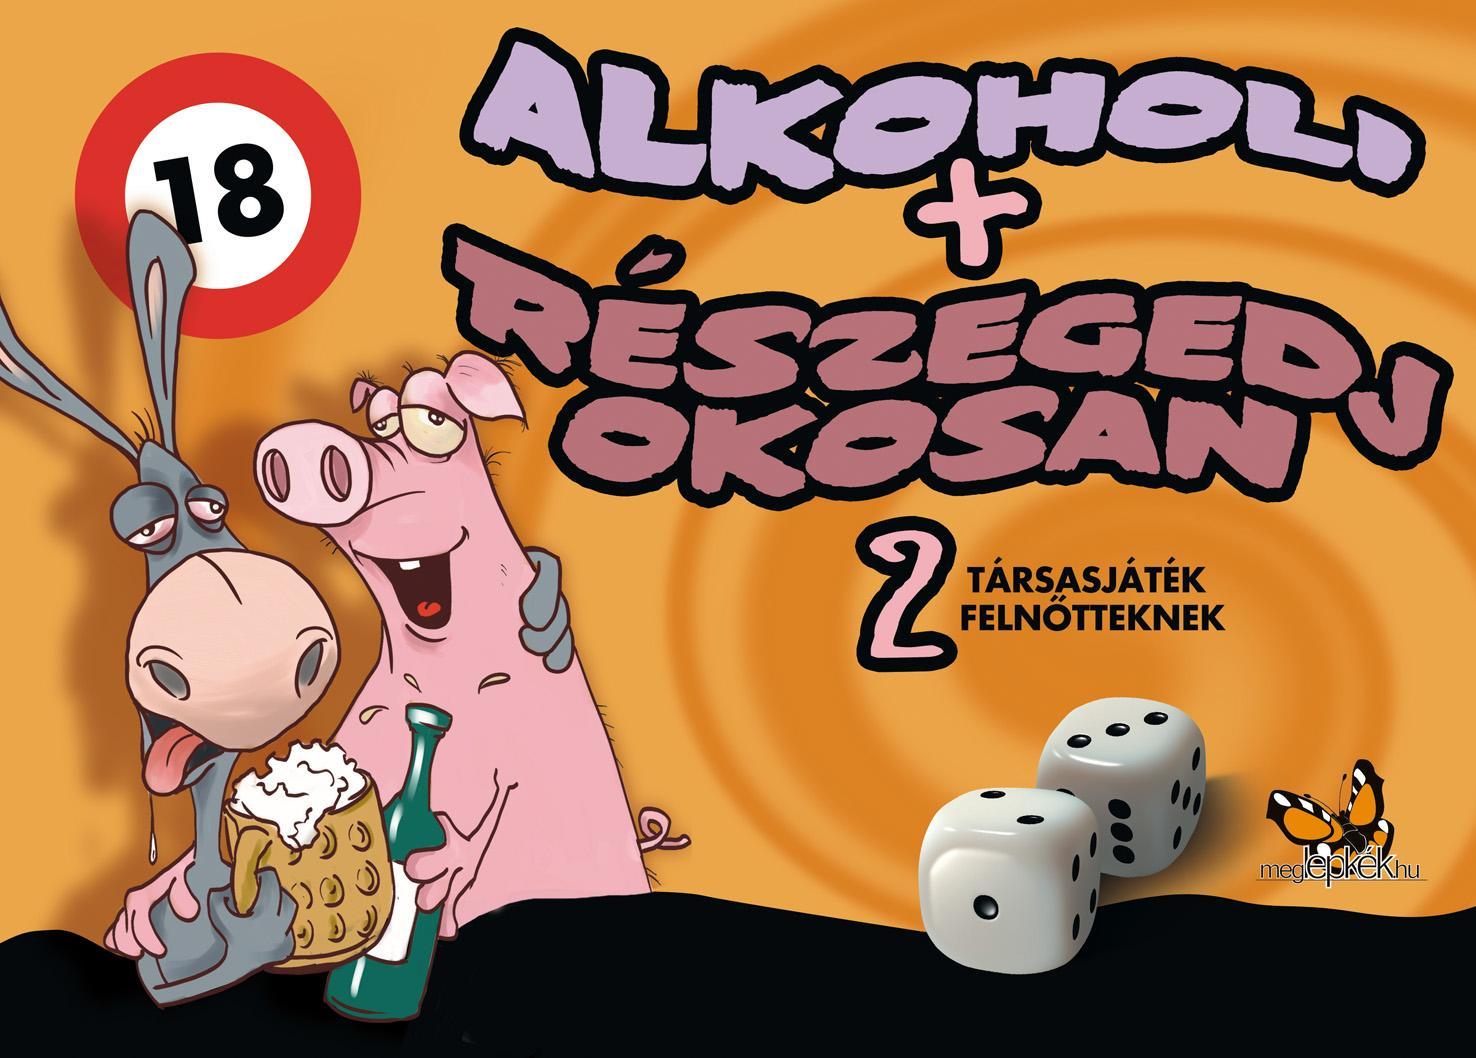 ALKOHOLI + RÉSZEGEDJ OKOSAN - 2 TÁRSASJÁTÉK FELNŐTTEKNEK